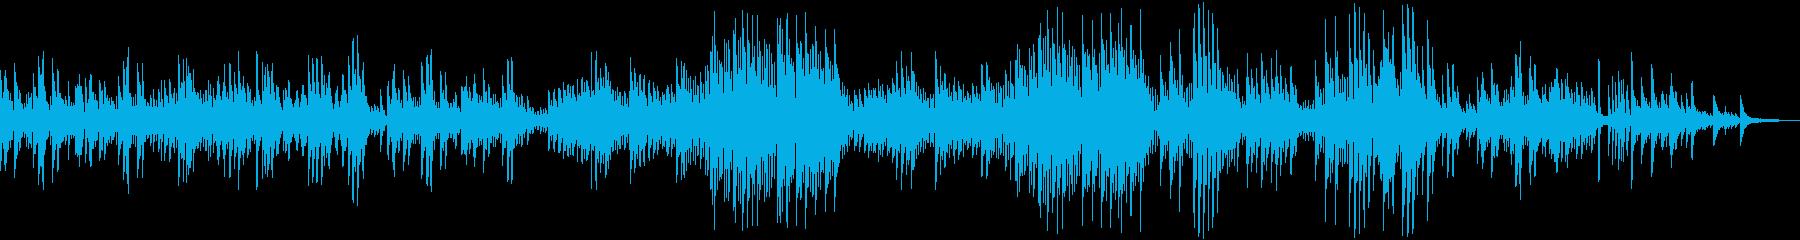 雨だれ前奏曲/ショパン【ピアノソロ】の再生済みの波形